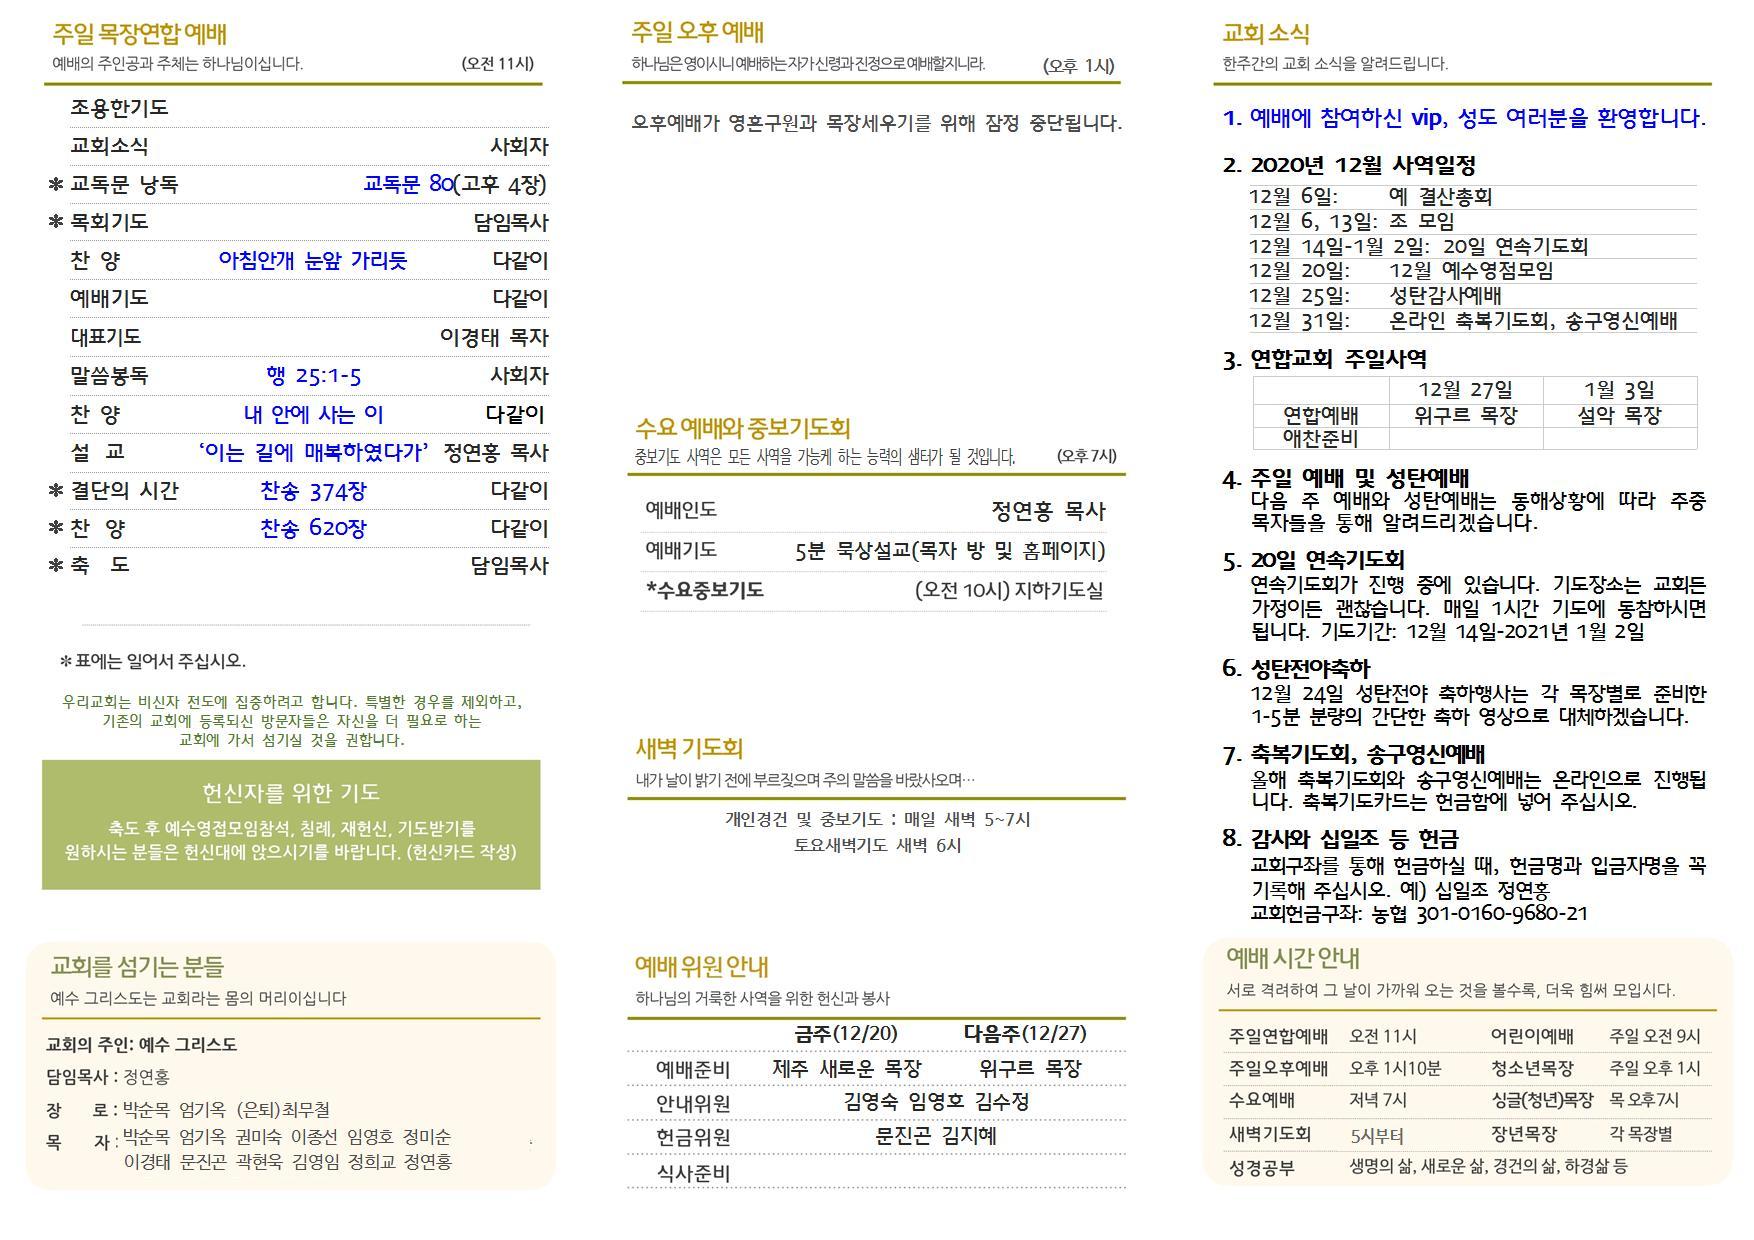 201220-1,2002.jpg